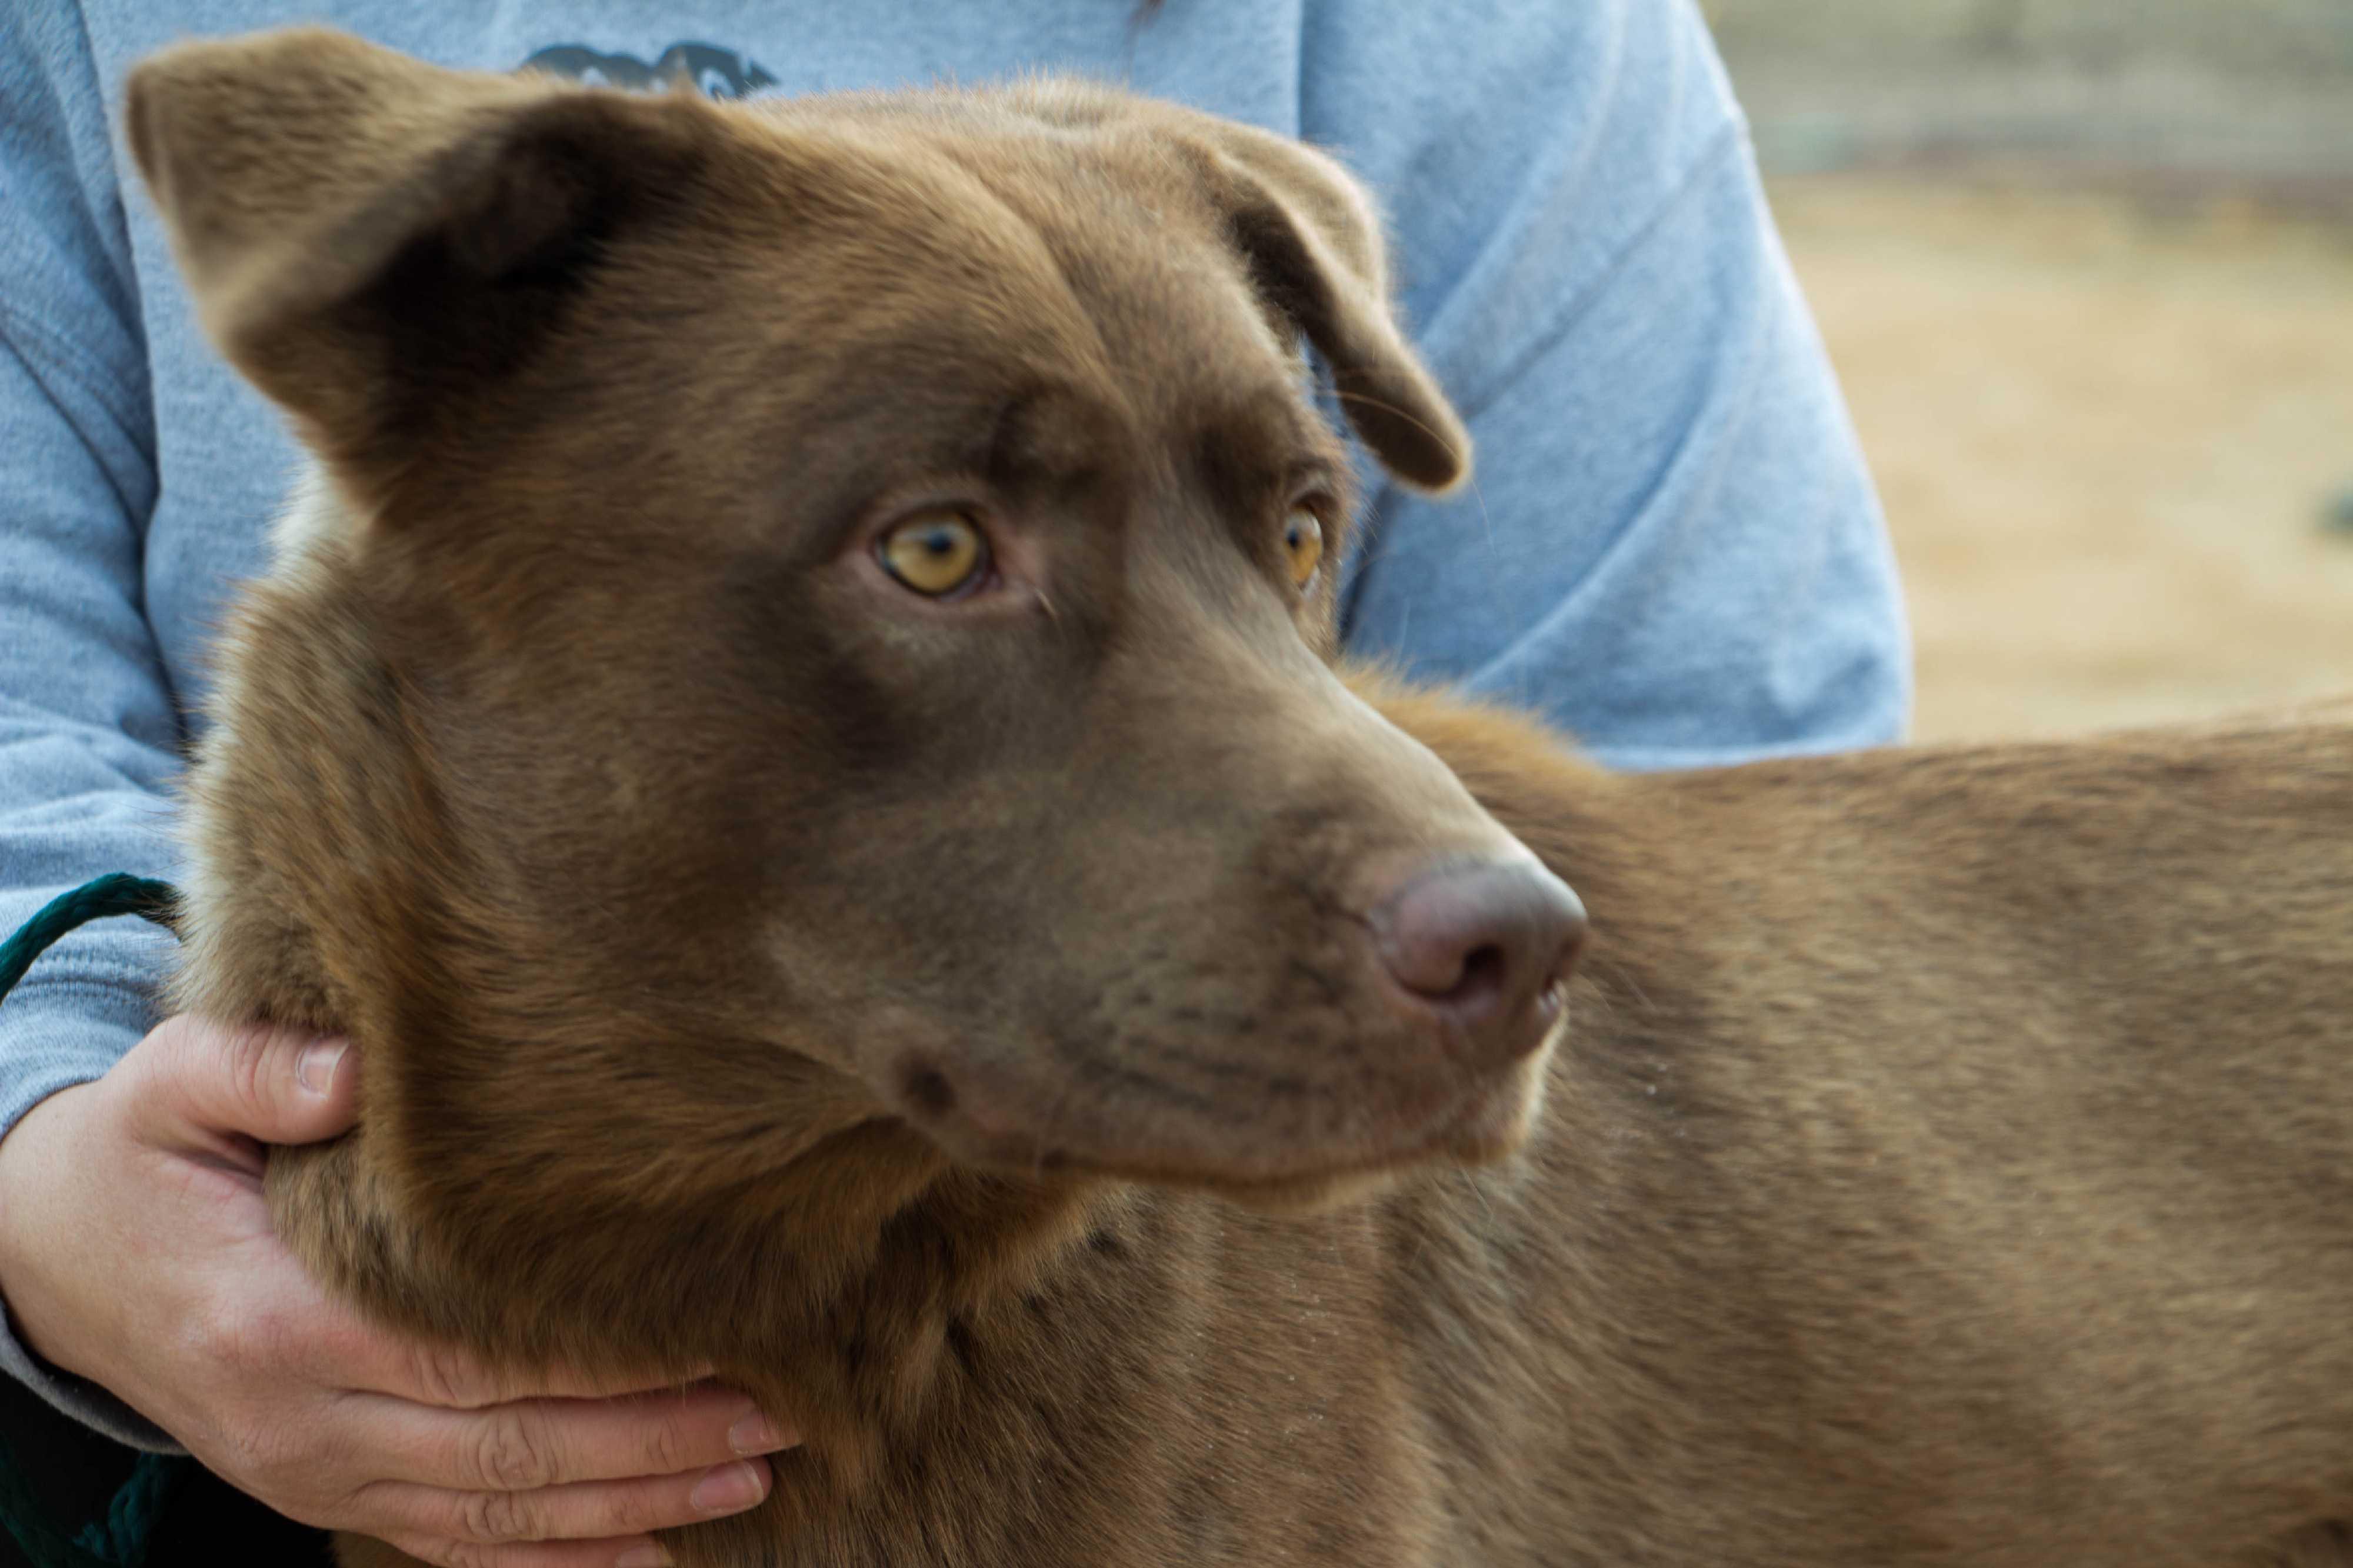 Lubbock, TX - Labrador Retriever  Meet Paddington a Pet for Adoption